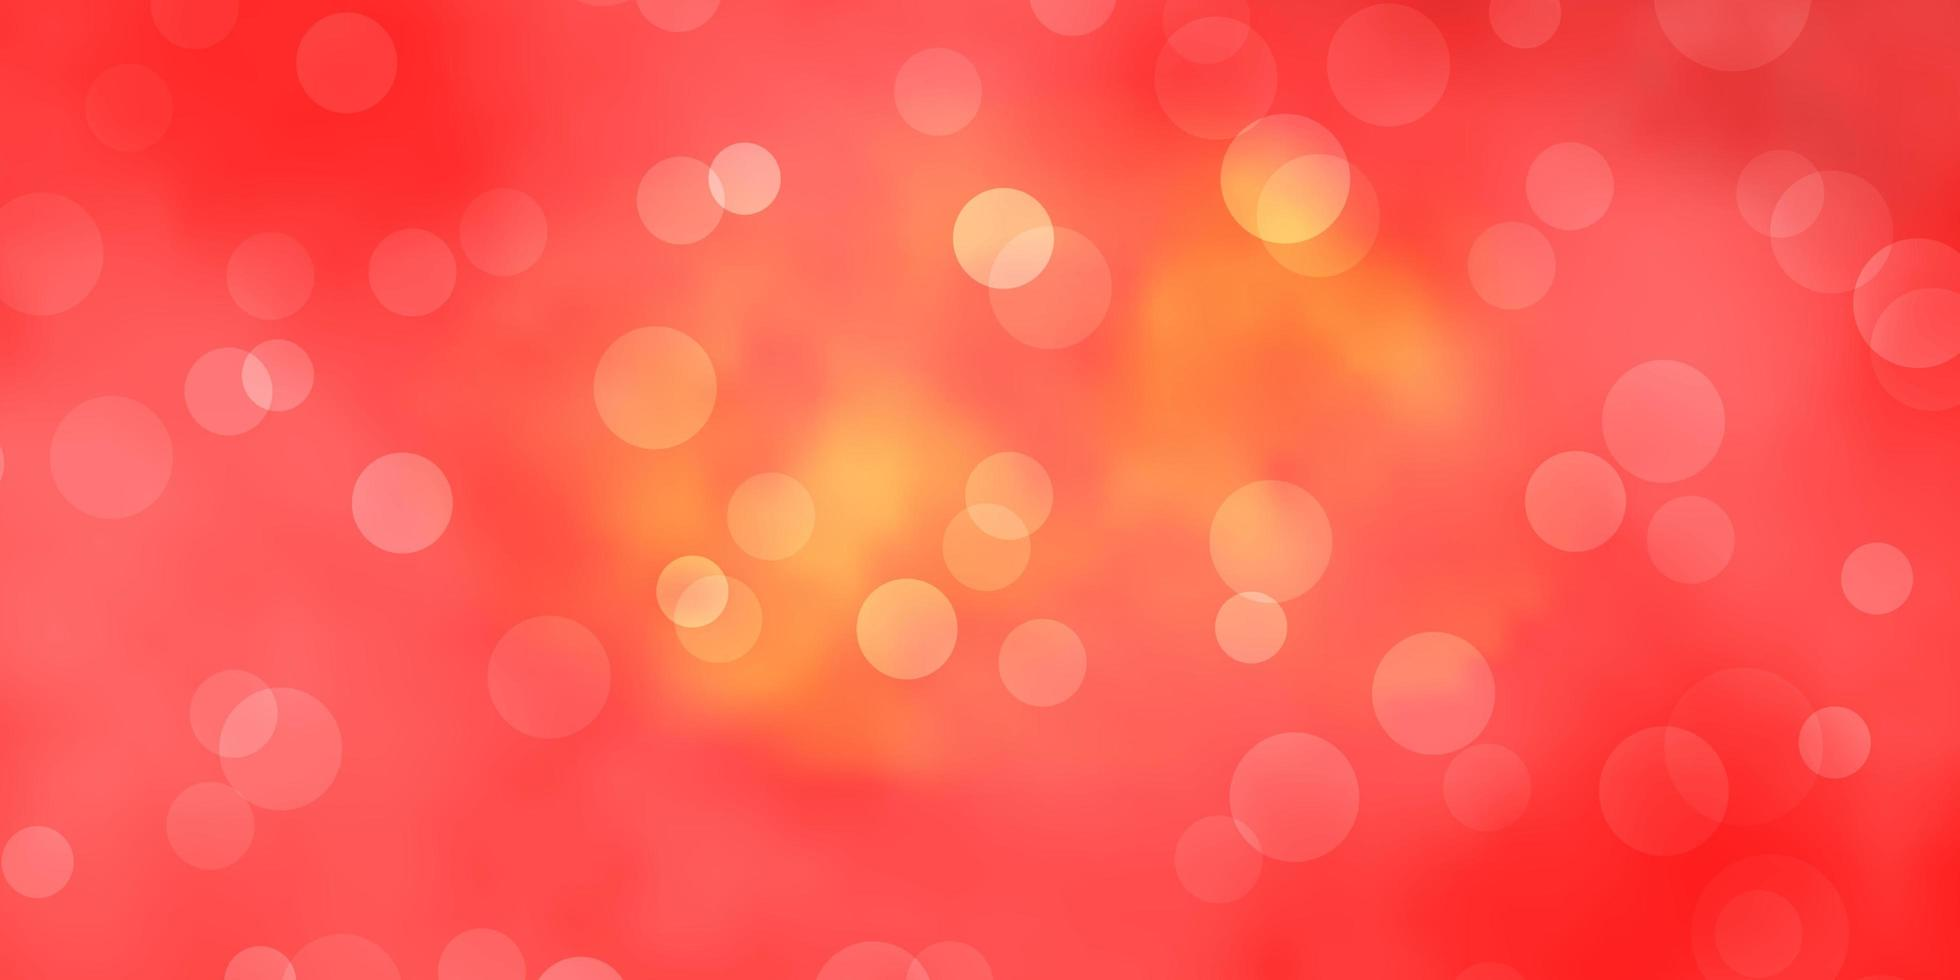 ljus orange vektormall med cirklar. vektor